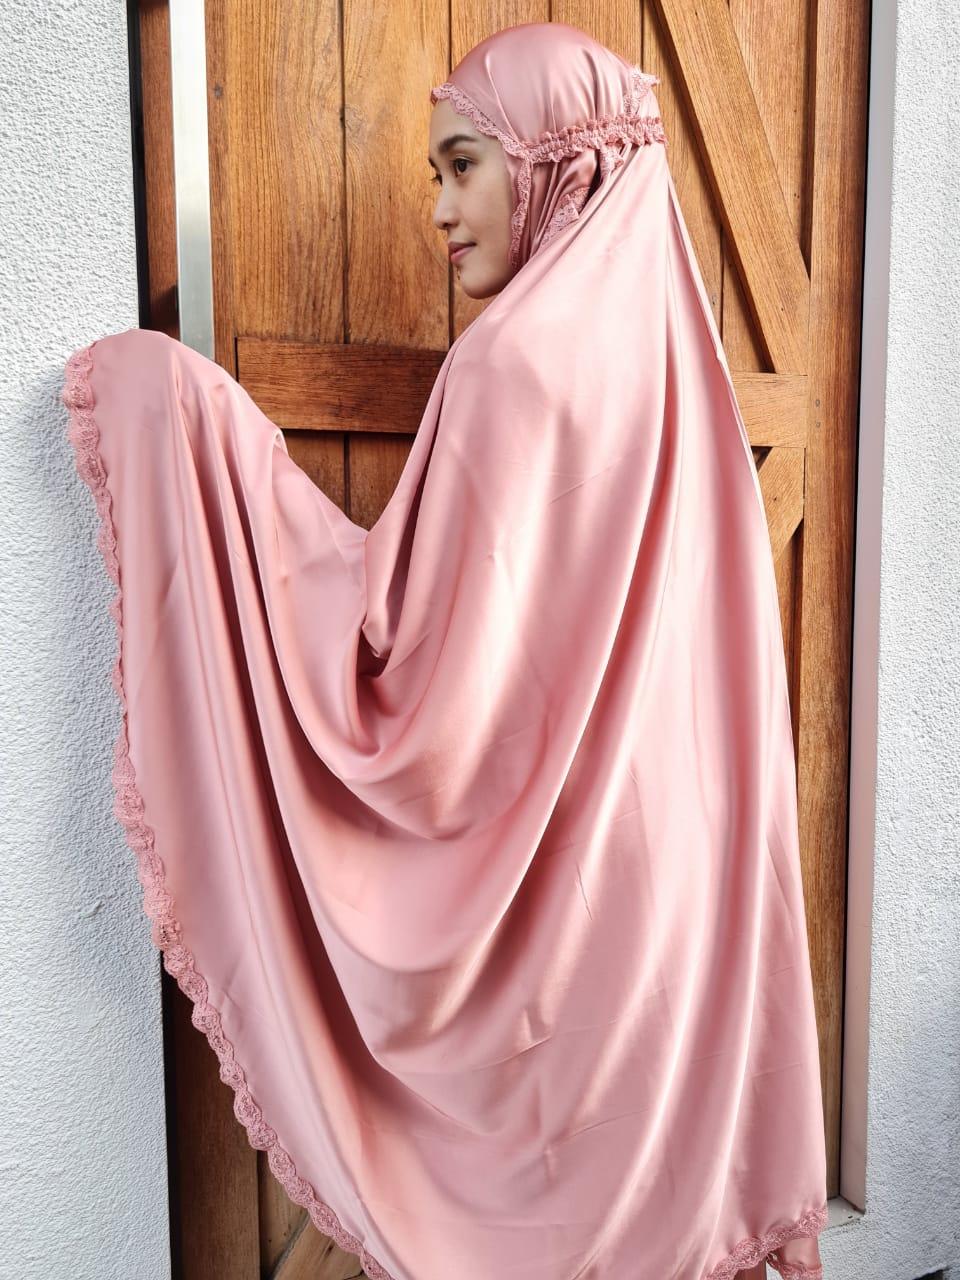 Prayer Robe Basheera